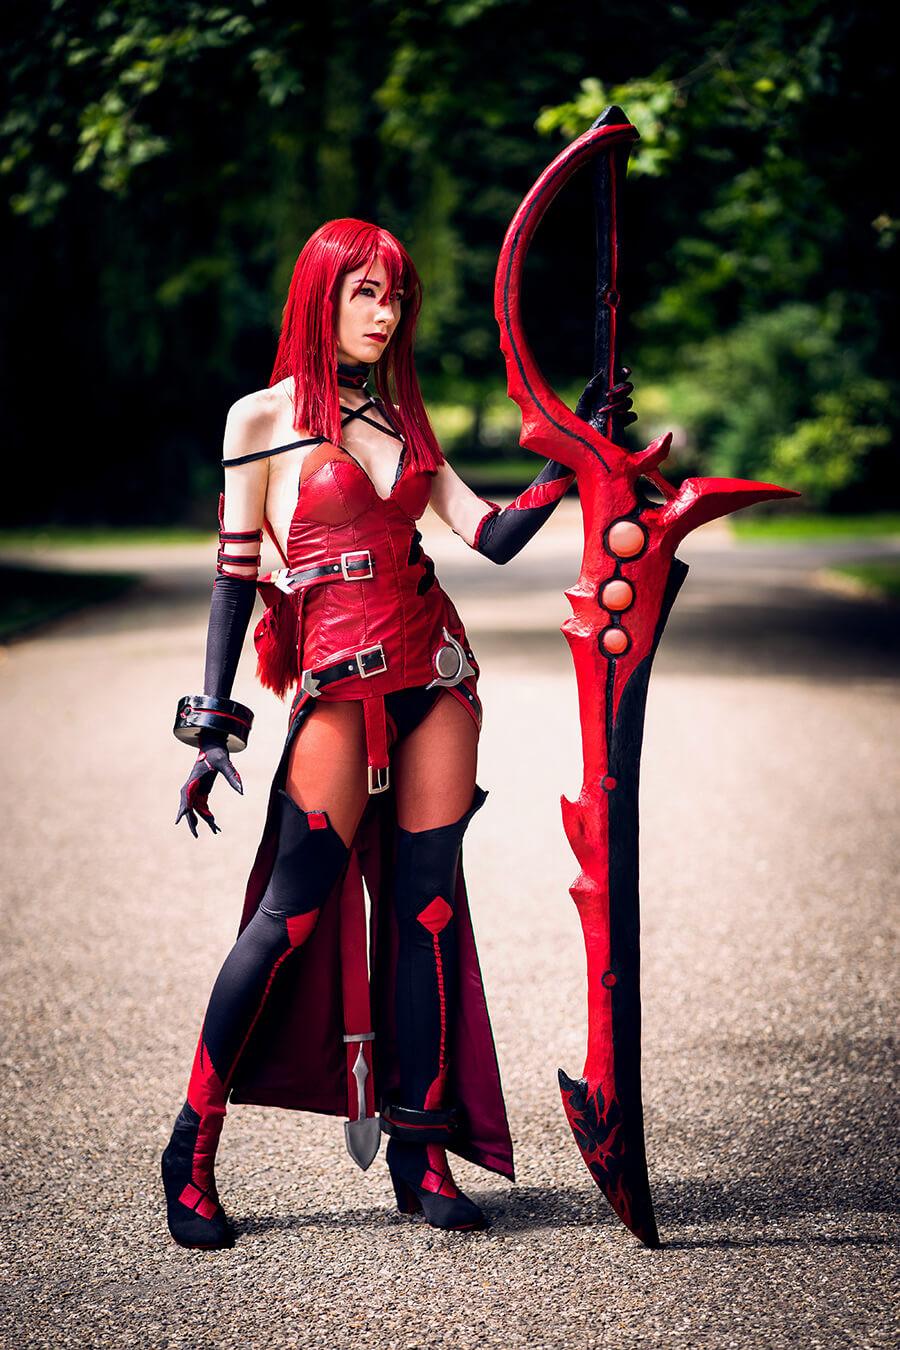 Lisanna of drawmeacosplay dressed as Elesis Crimson Avenger